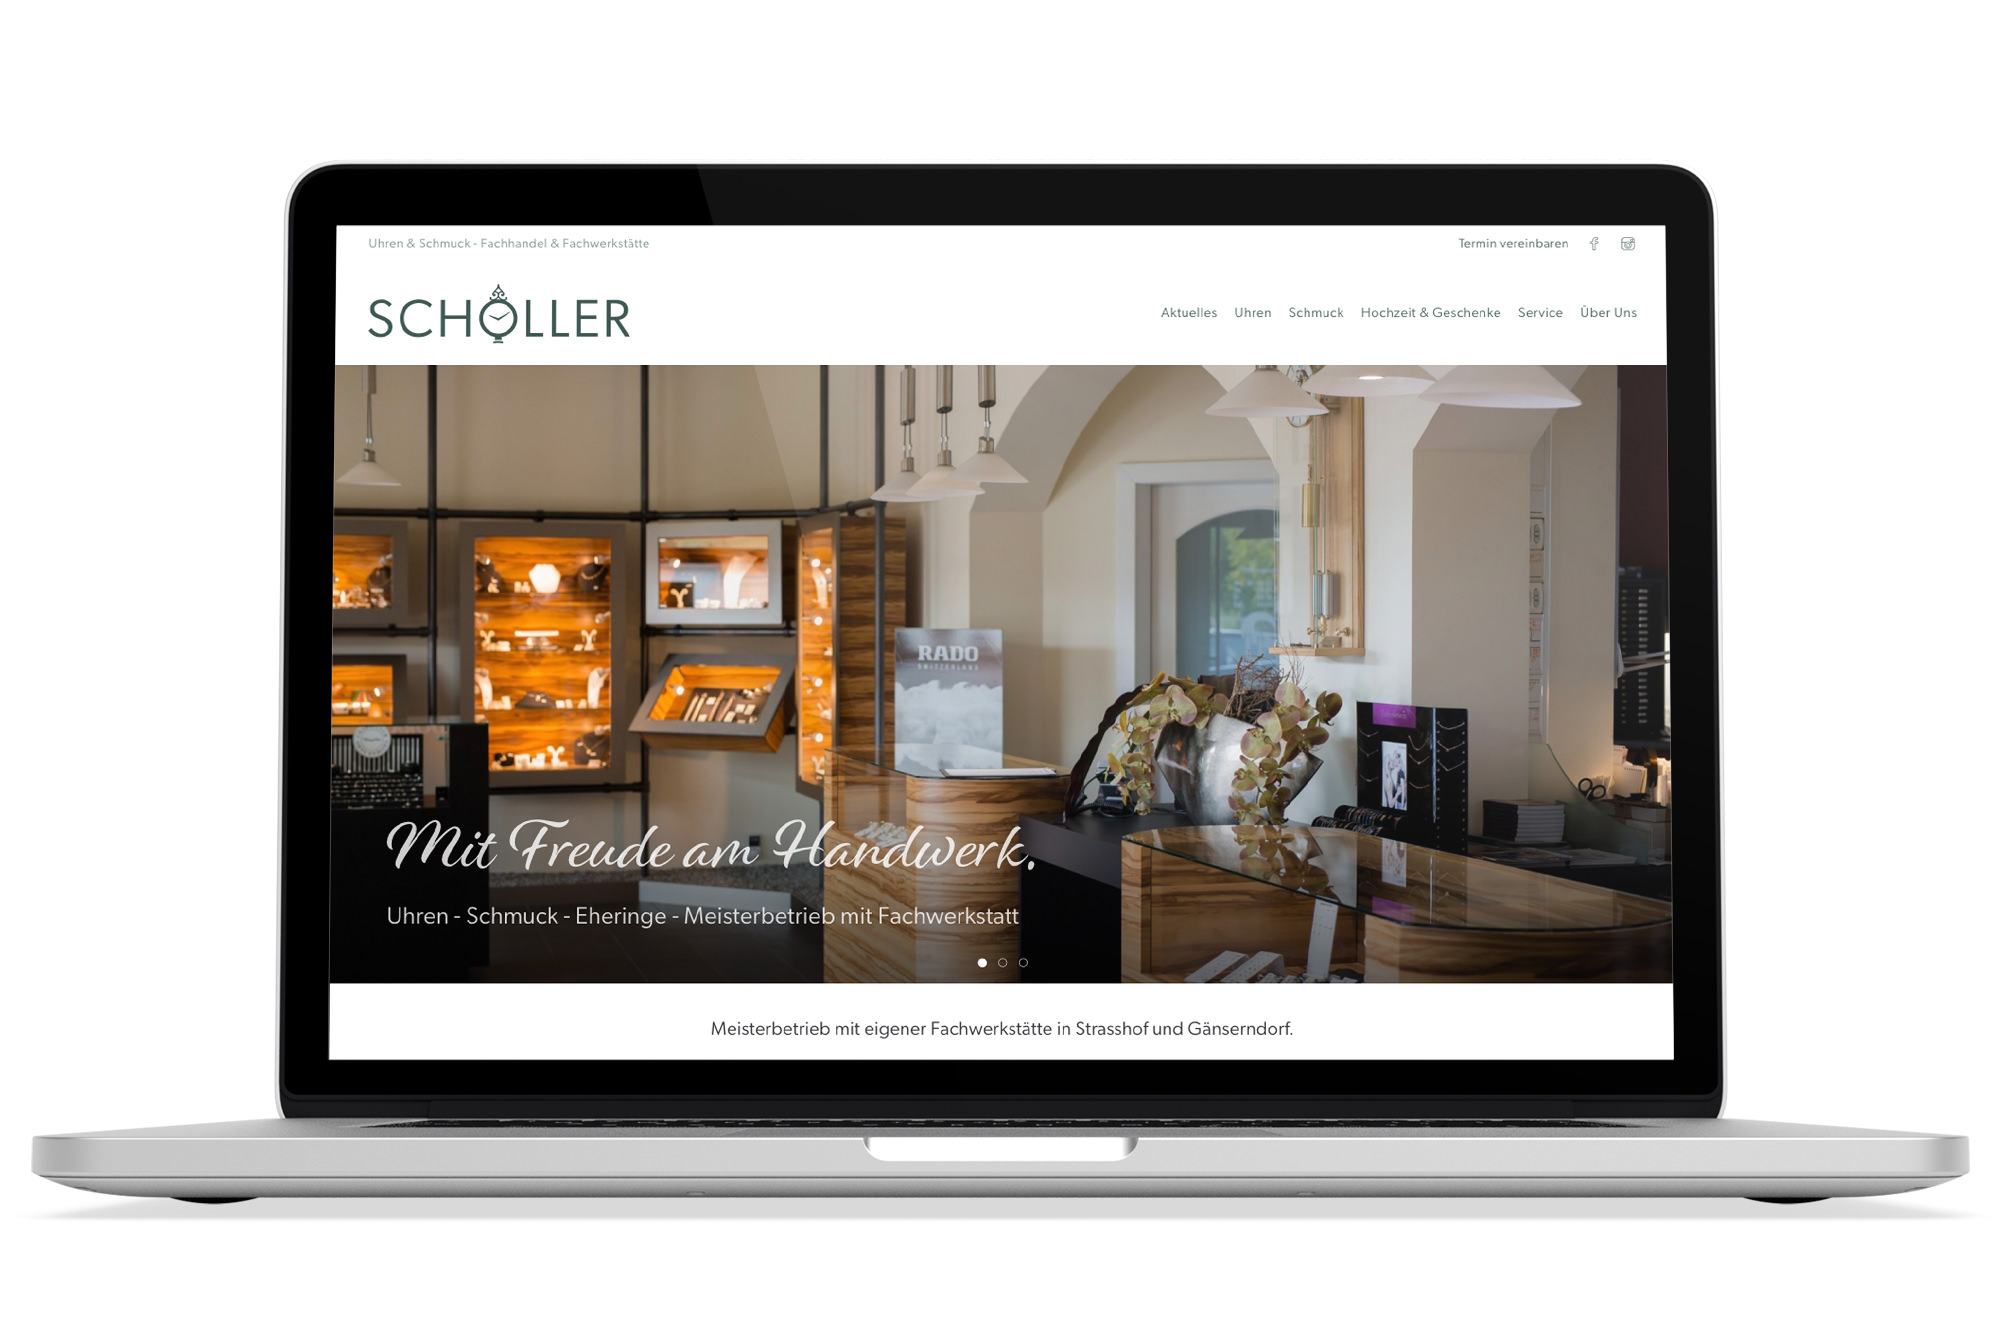 Webdesign Beispiel: Logodesign, Corporate Design, Responsive Webdesign für Juwelier - Uhren & Schmuck